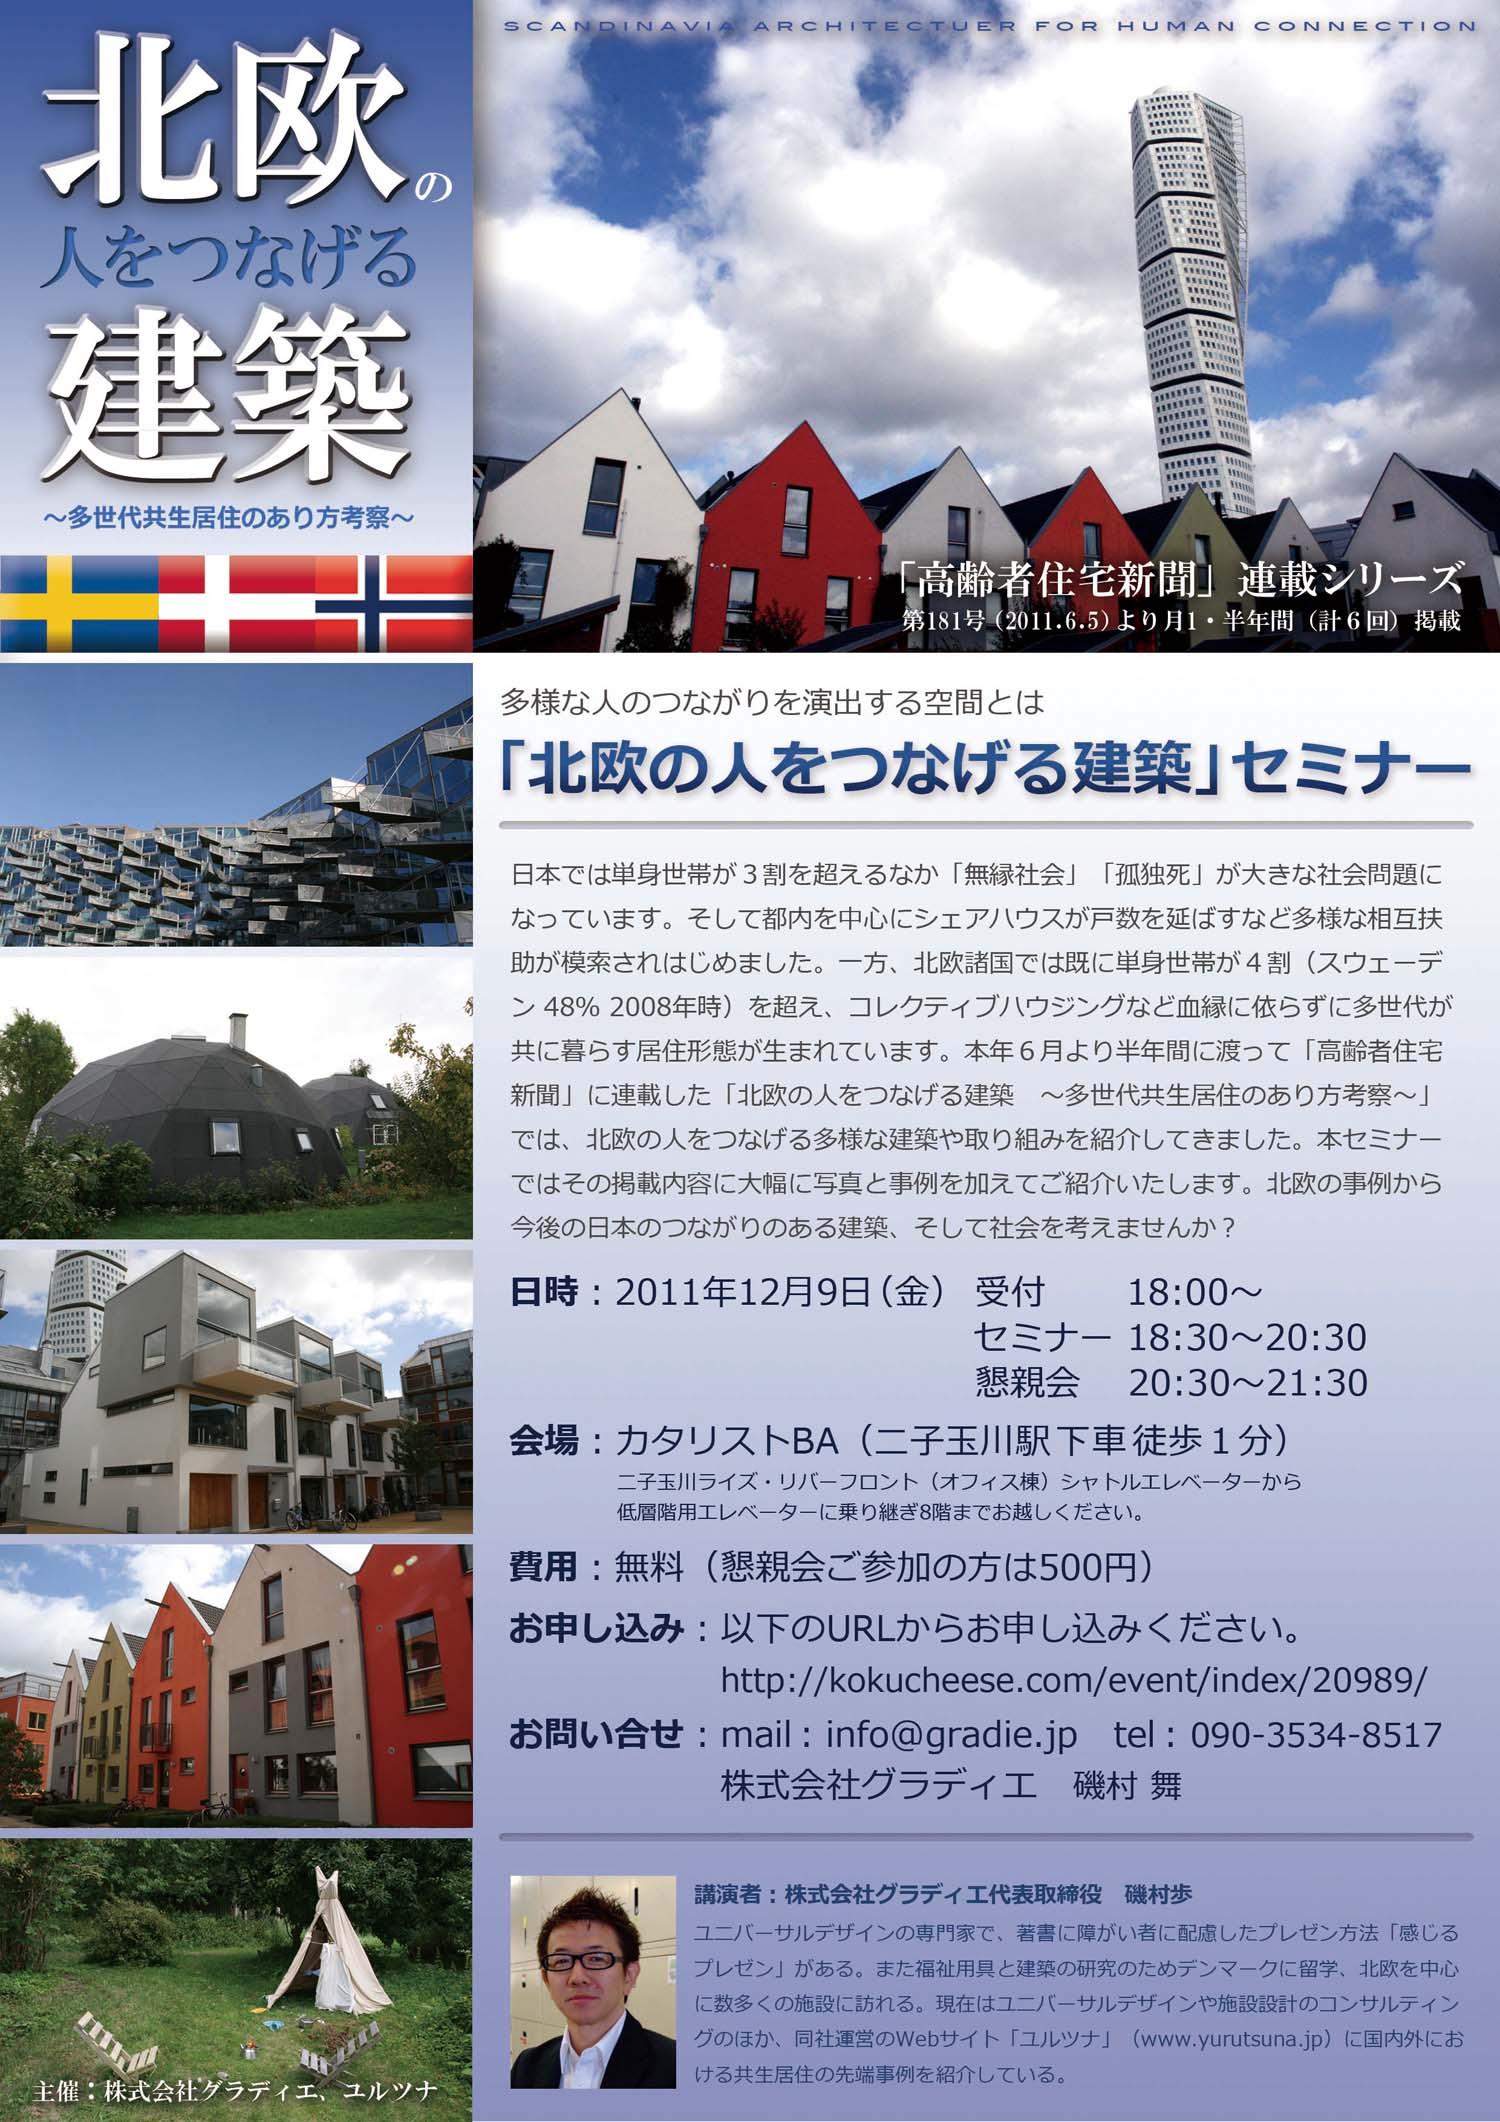 「北欧の人をつなげる建築」セミナー開催のお知らせ_f0015295_150439.jpg